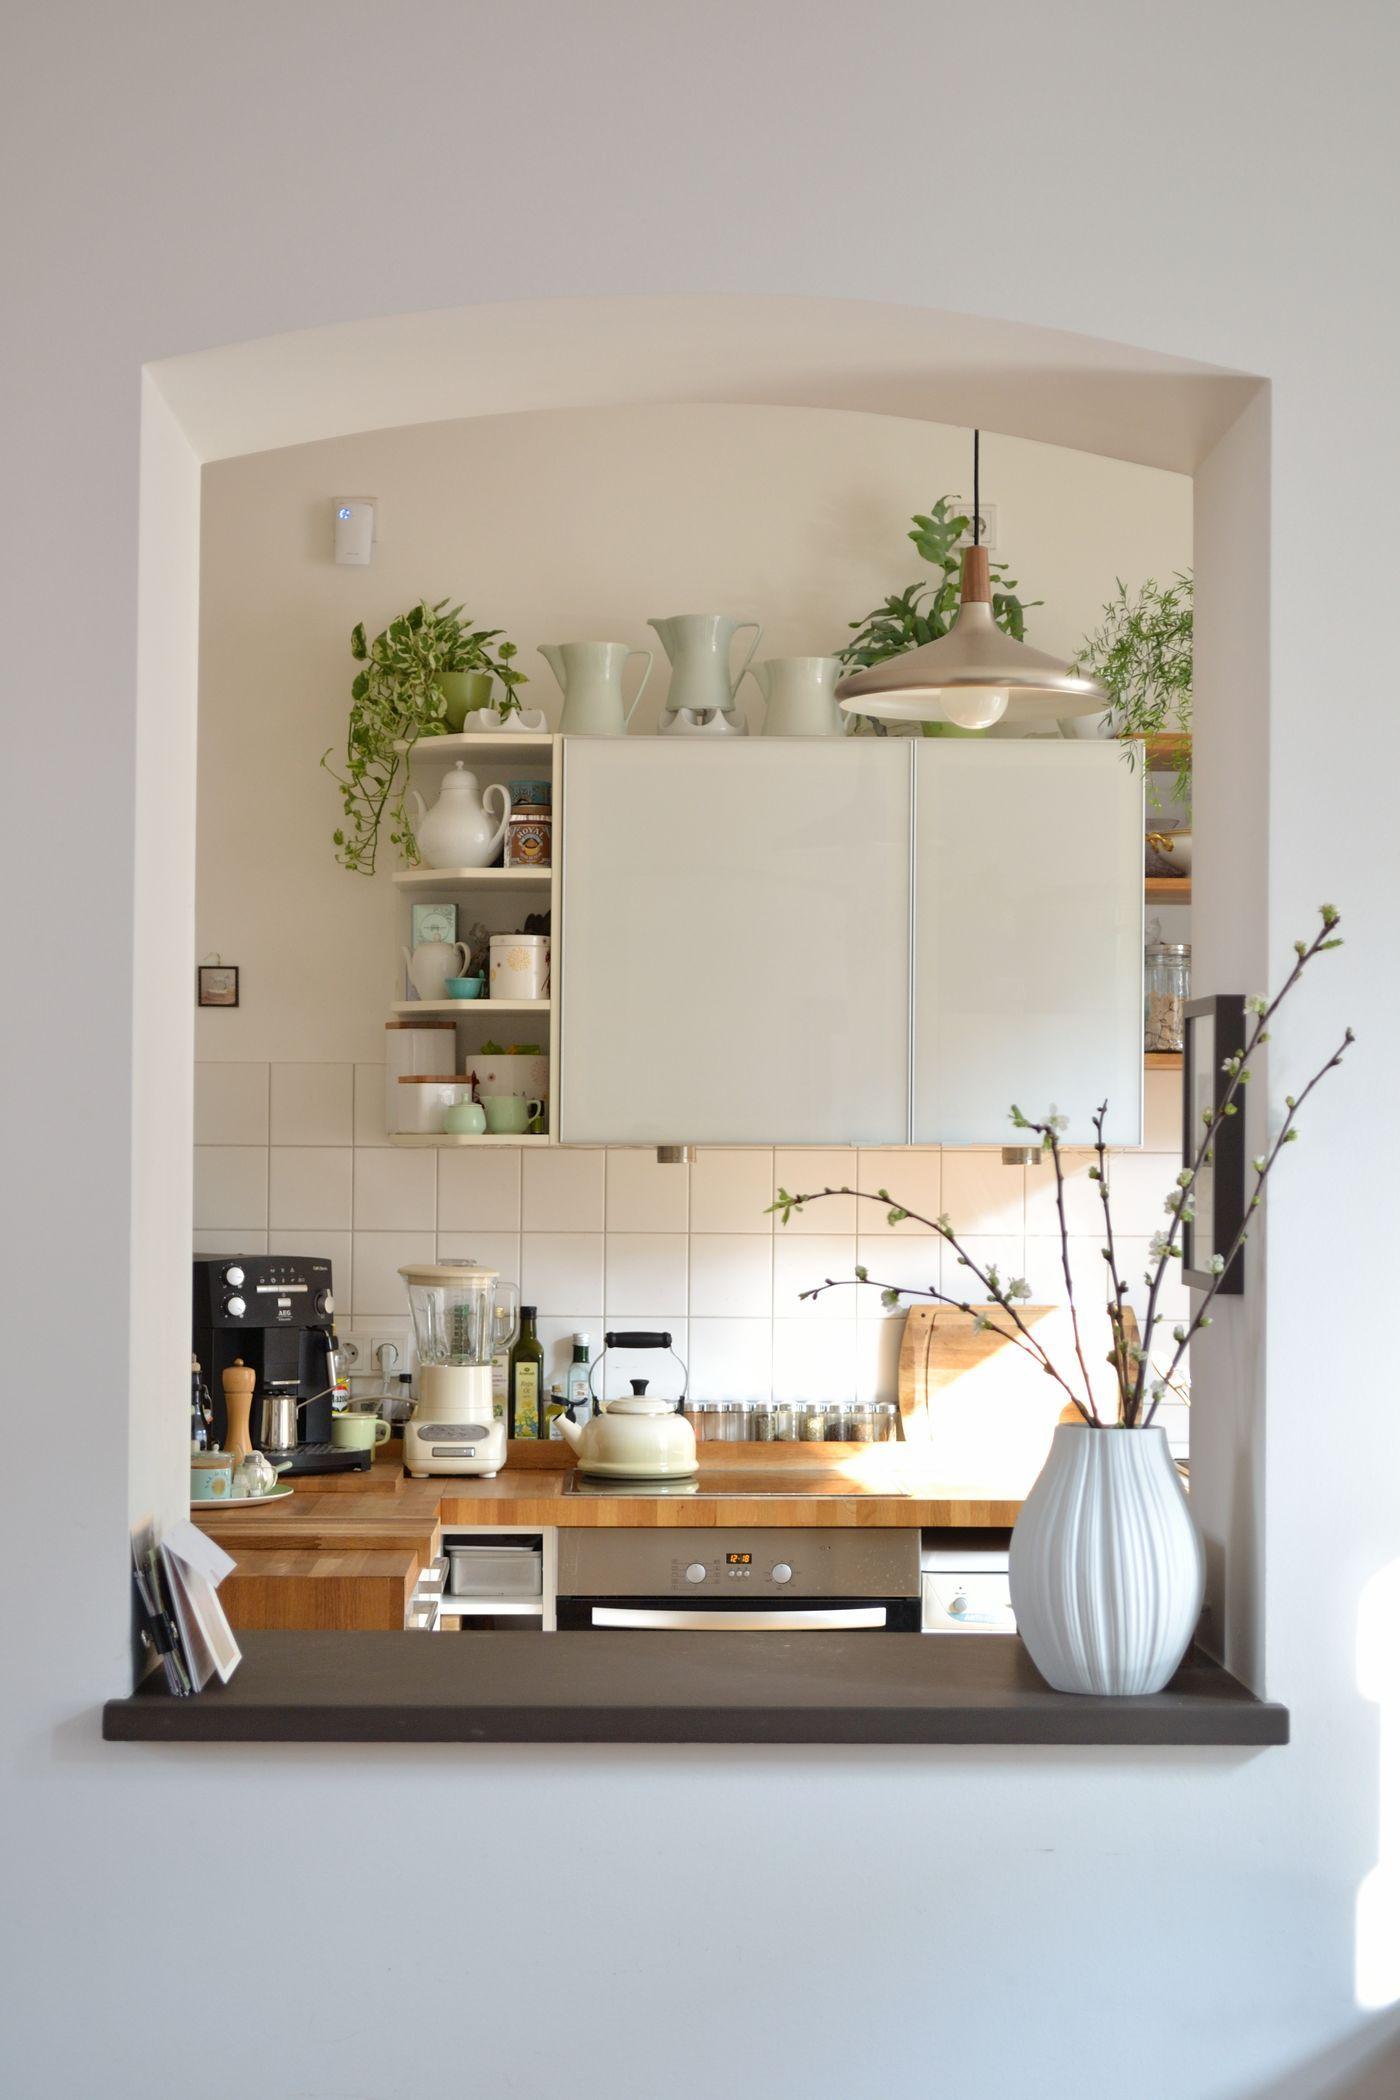 Full Size of Küchenschrank Ikea Betten 160x200 Küche Kosten Miniküche Kaufen Bei Sofa Mit Schlaffunktion Modulküche Wohnzimmer Küchenschrank Ikea